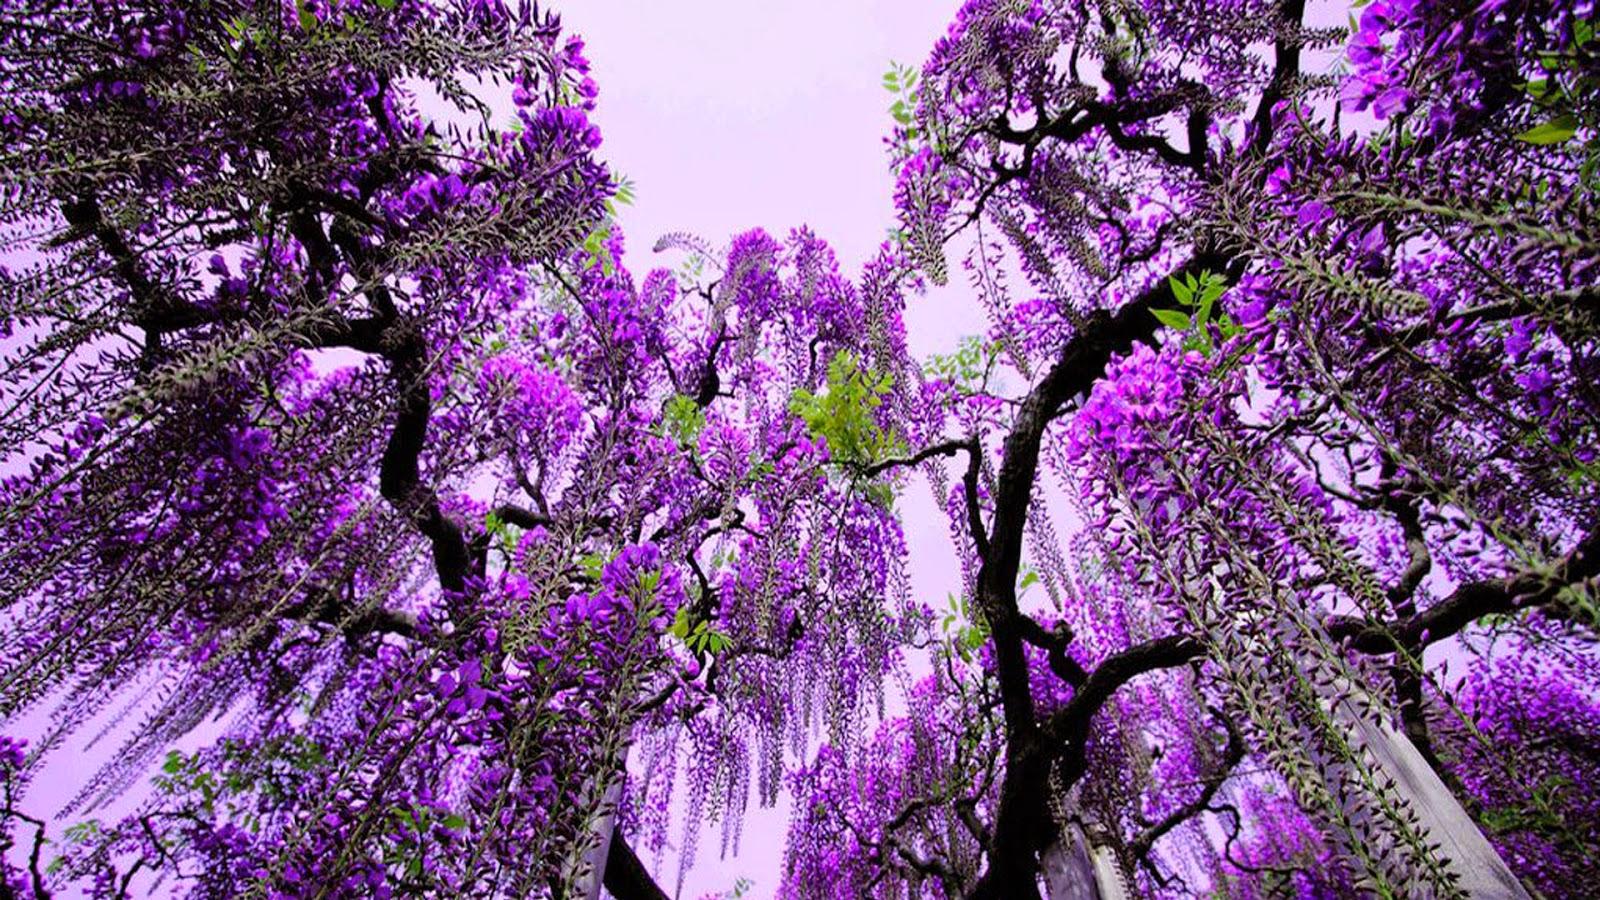 Gambar Pohon Daun Ungu Csntik Wallpaper Pemandangan Alam Indah